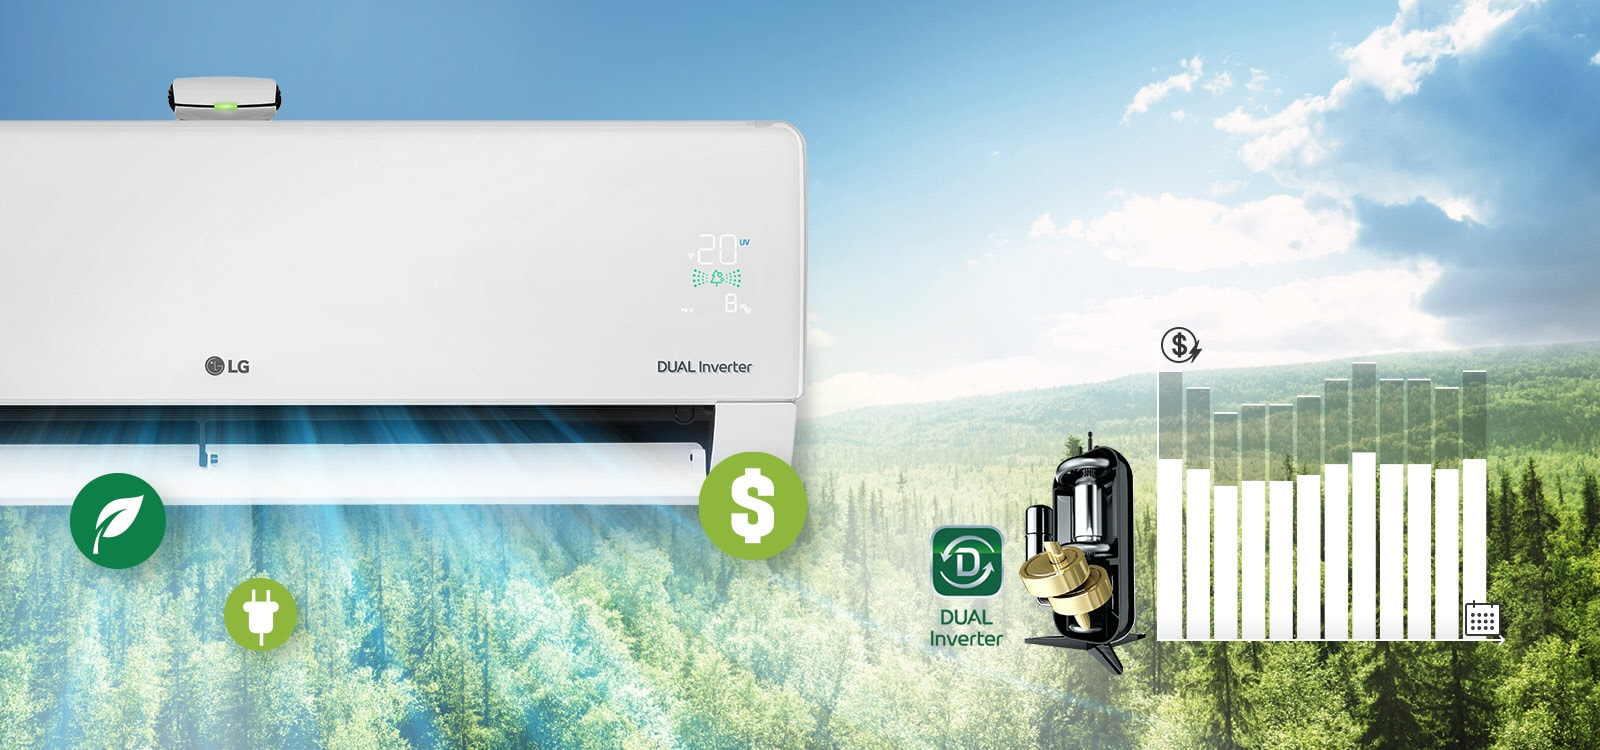 Tiết kiệm hóa đơn tiền điện, Thân thiện với môi trường5